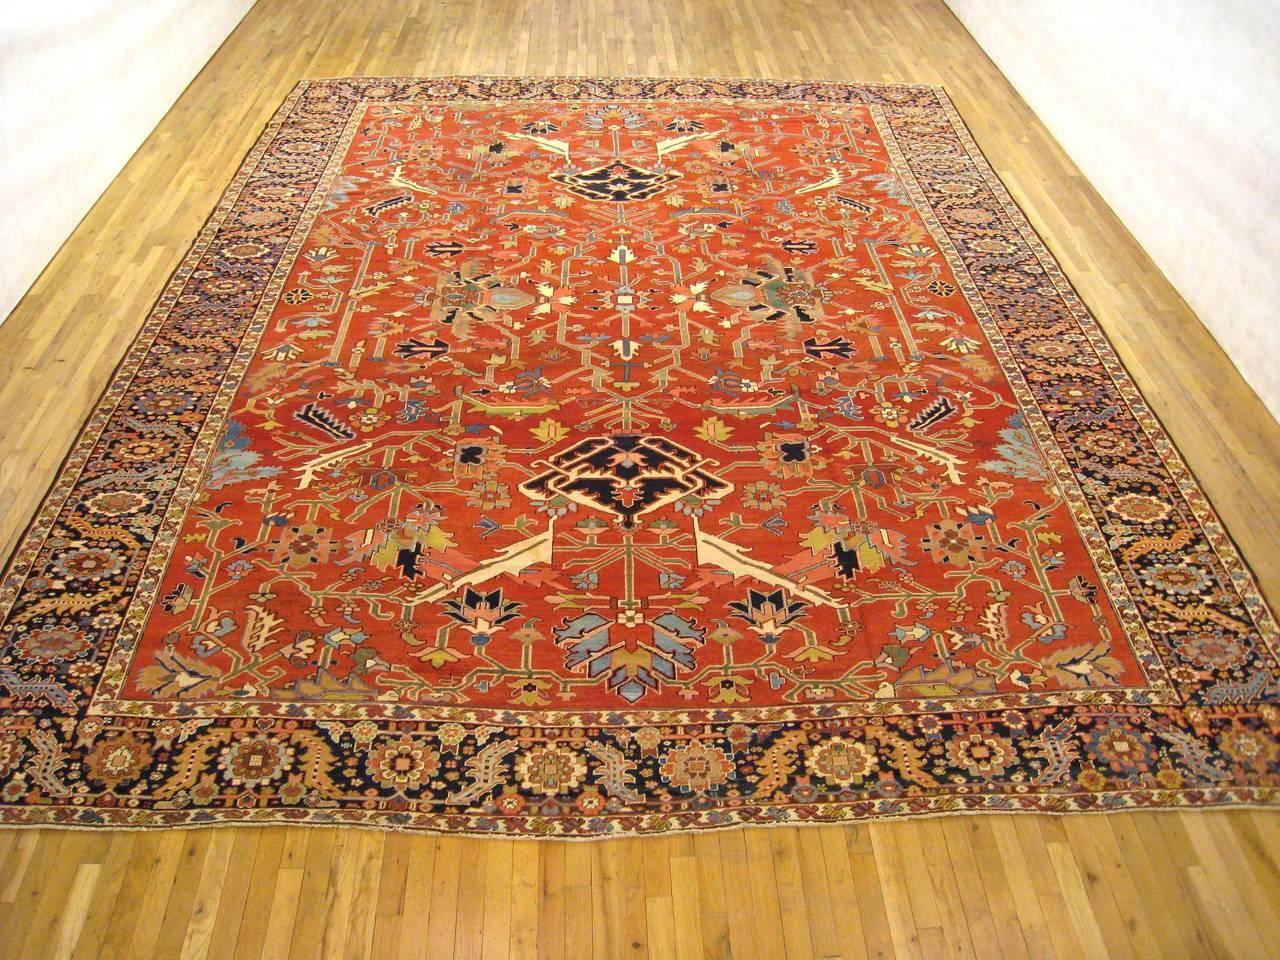 Antique Persian Serapi Decorative Oriental Carpet Room